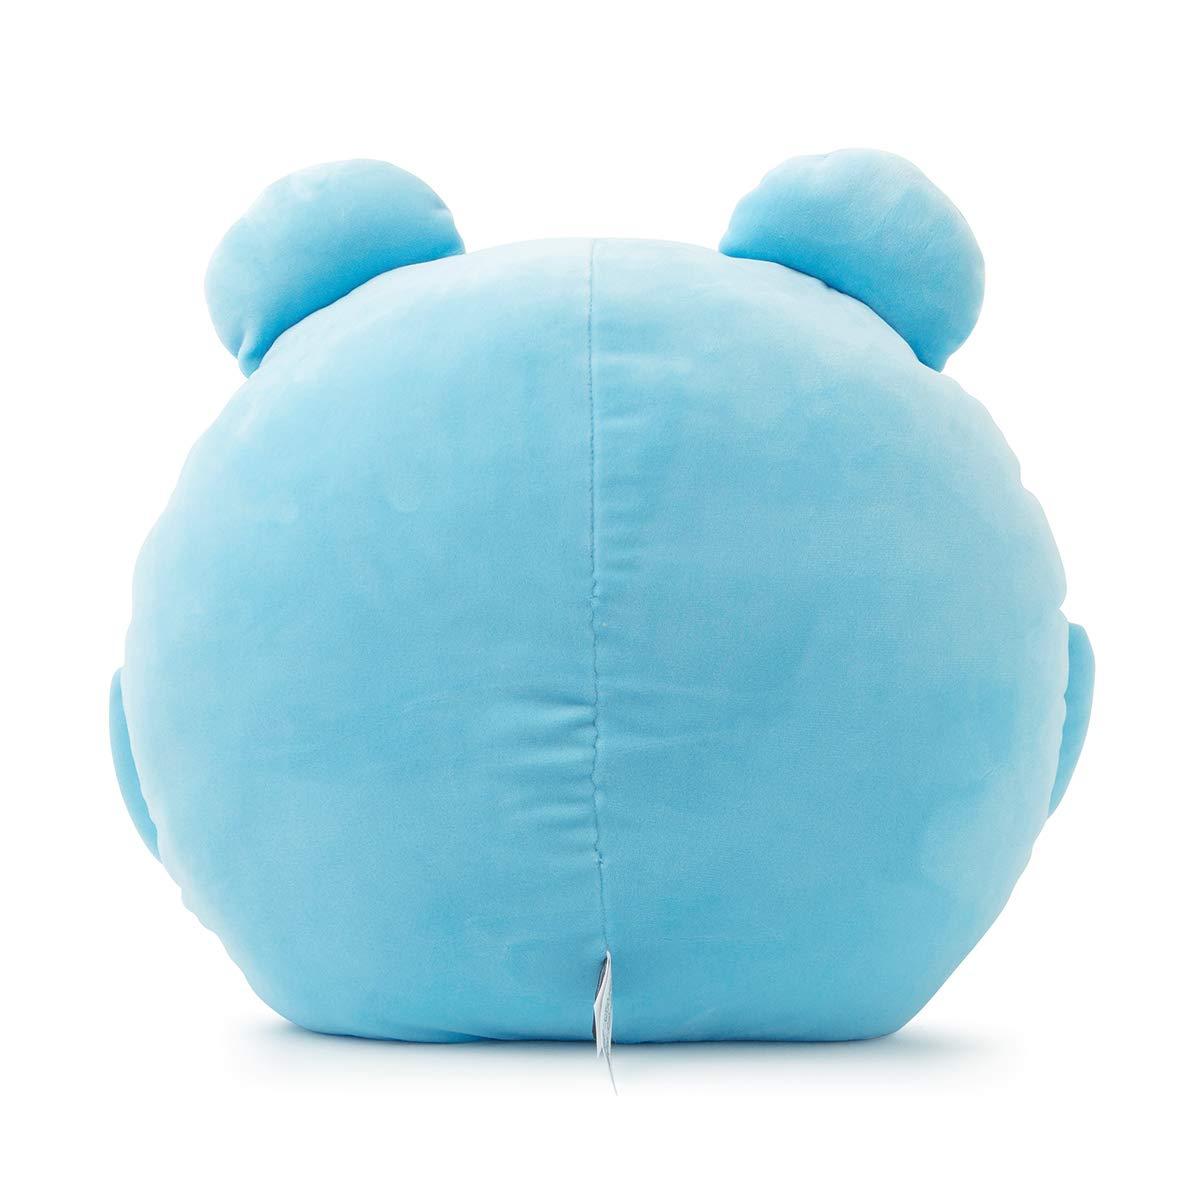 BT21 CHIMMY Pong Pong Cushion 30cm